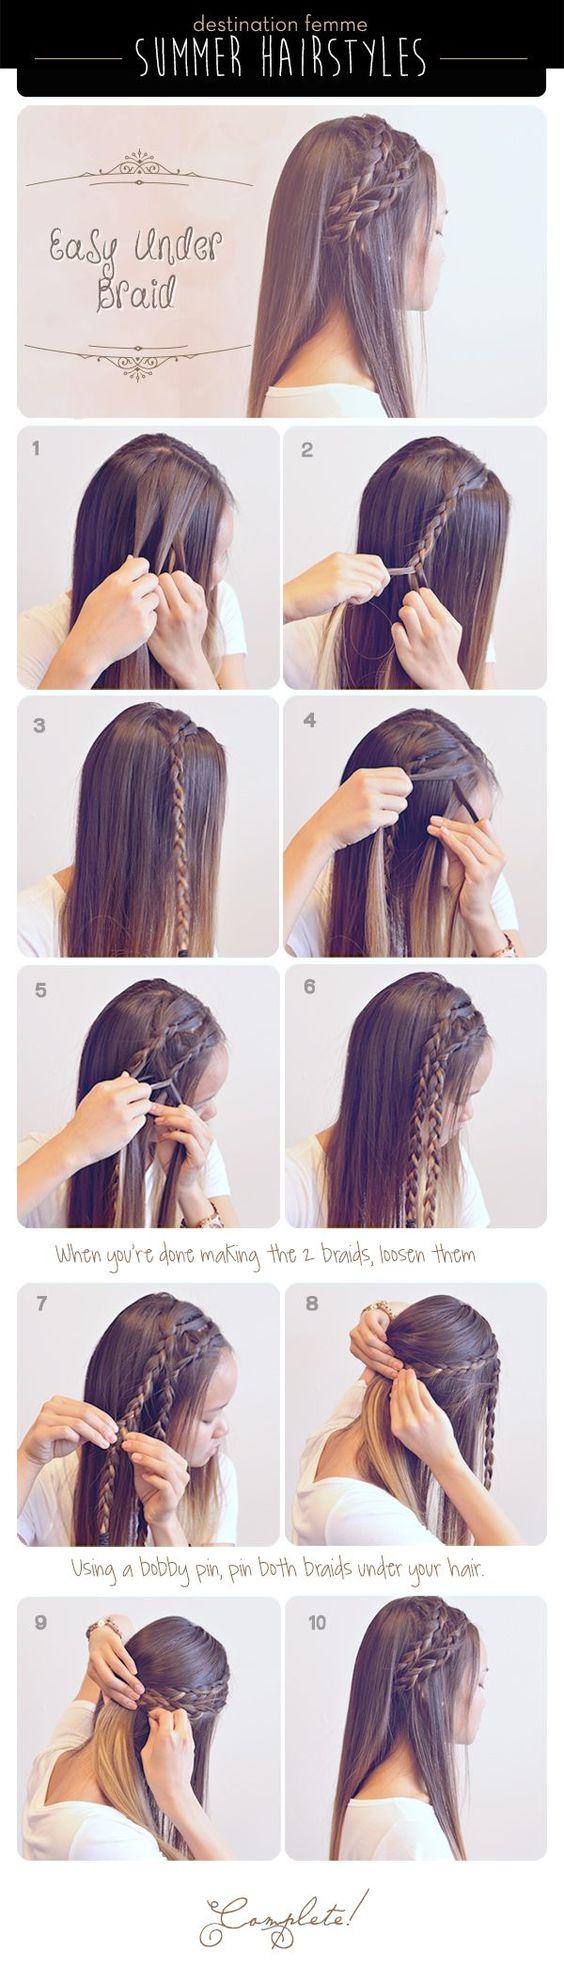 Easy under braide